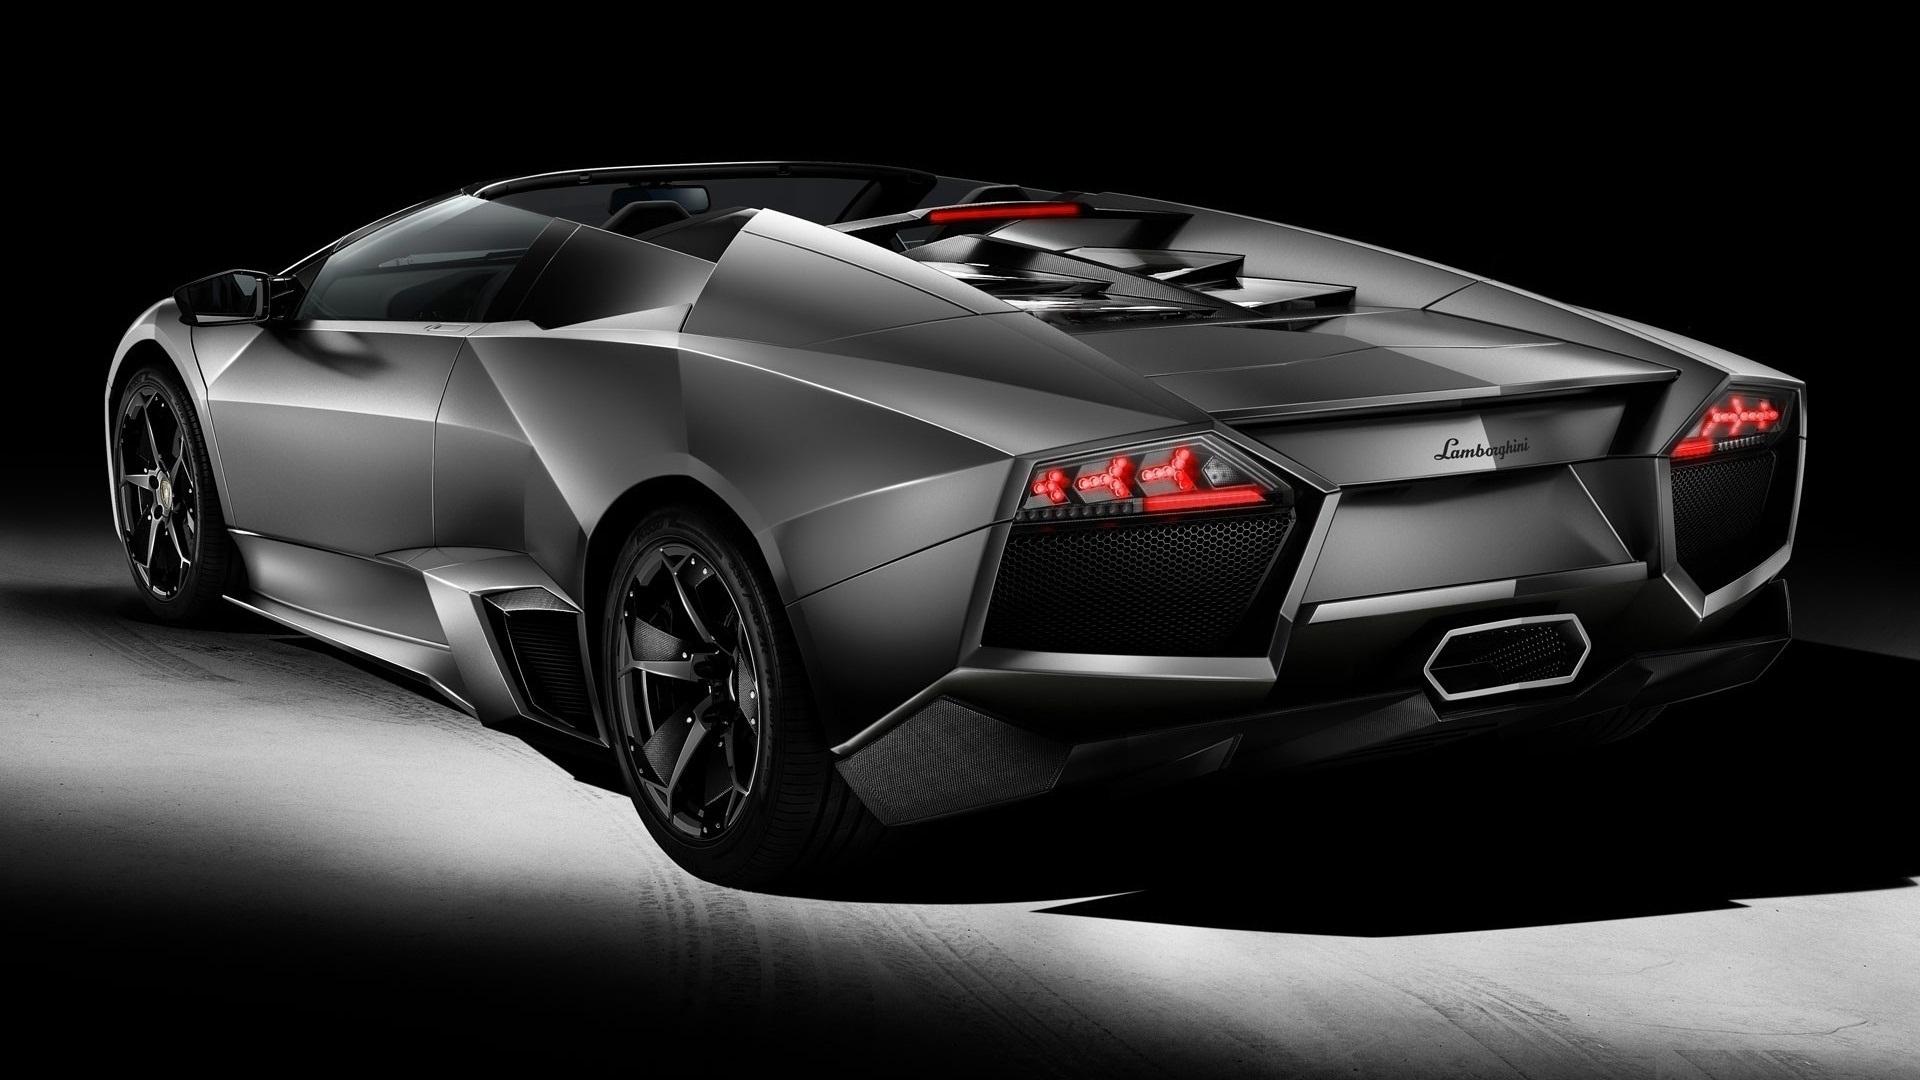 lamborghini gallardo 1080p wallpaper car wallpapers - Lamborghini Logo Wallpaper Iphone